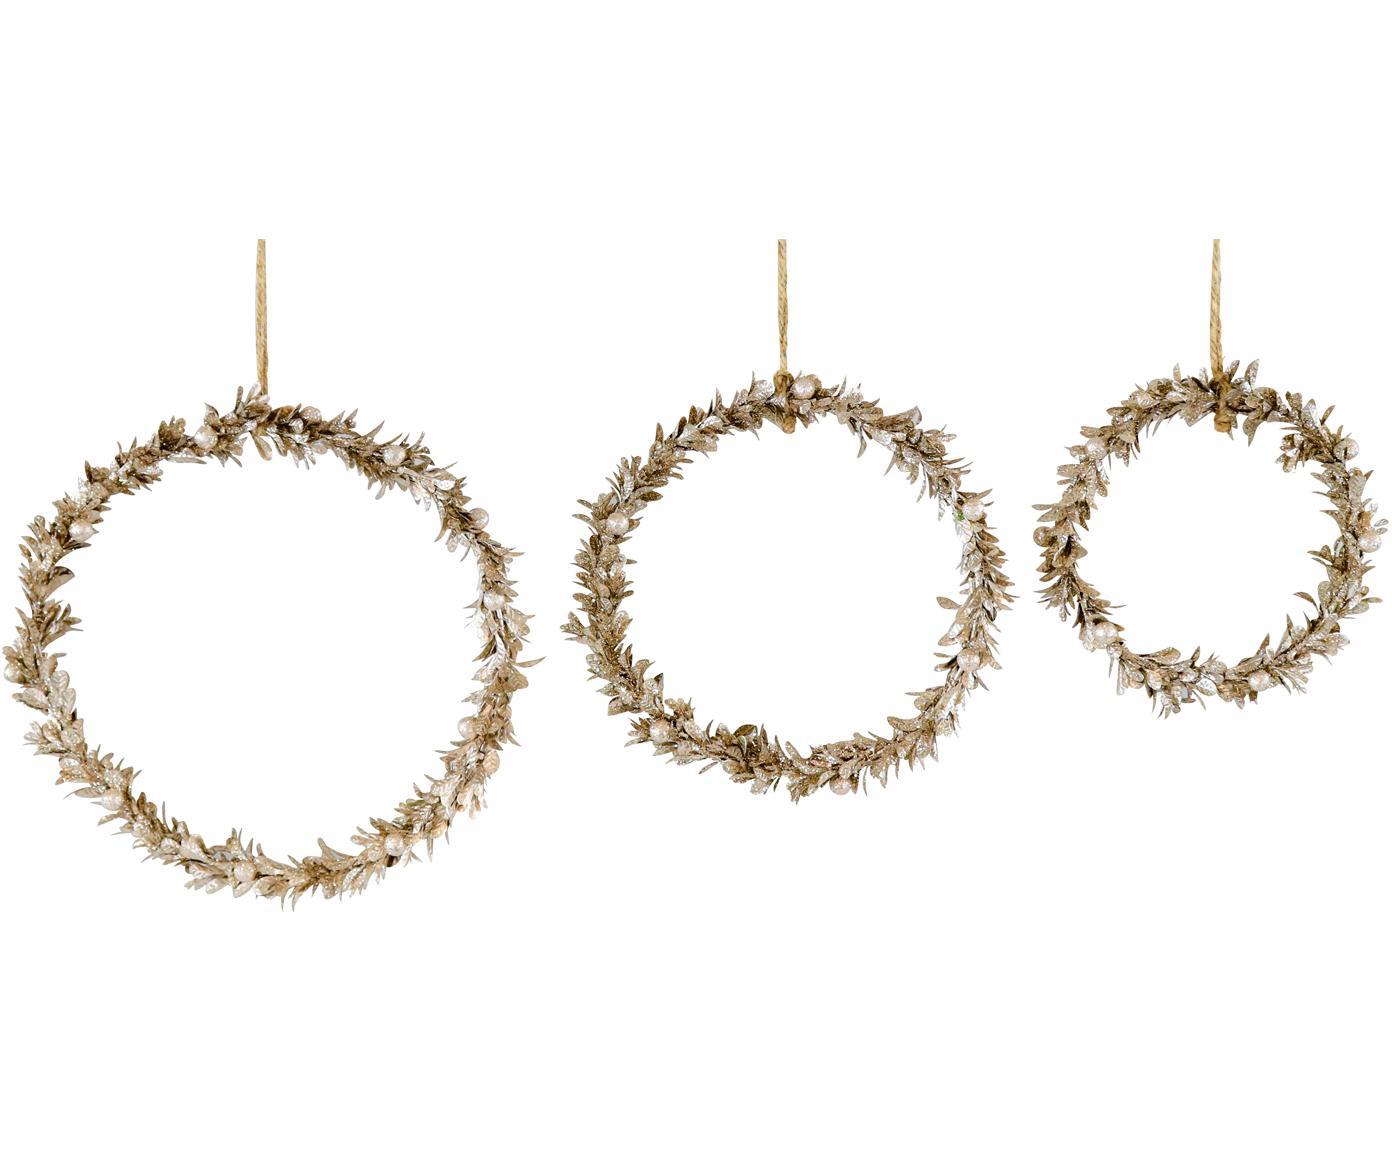 Decoratieve hangersset Laurel, 3-delig, Polystyreen, kunststof, metaal, hout, Goudkleurig, Verschillende formaten